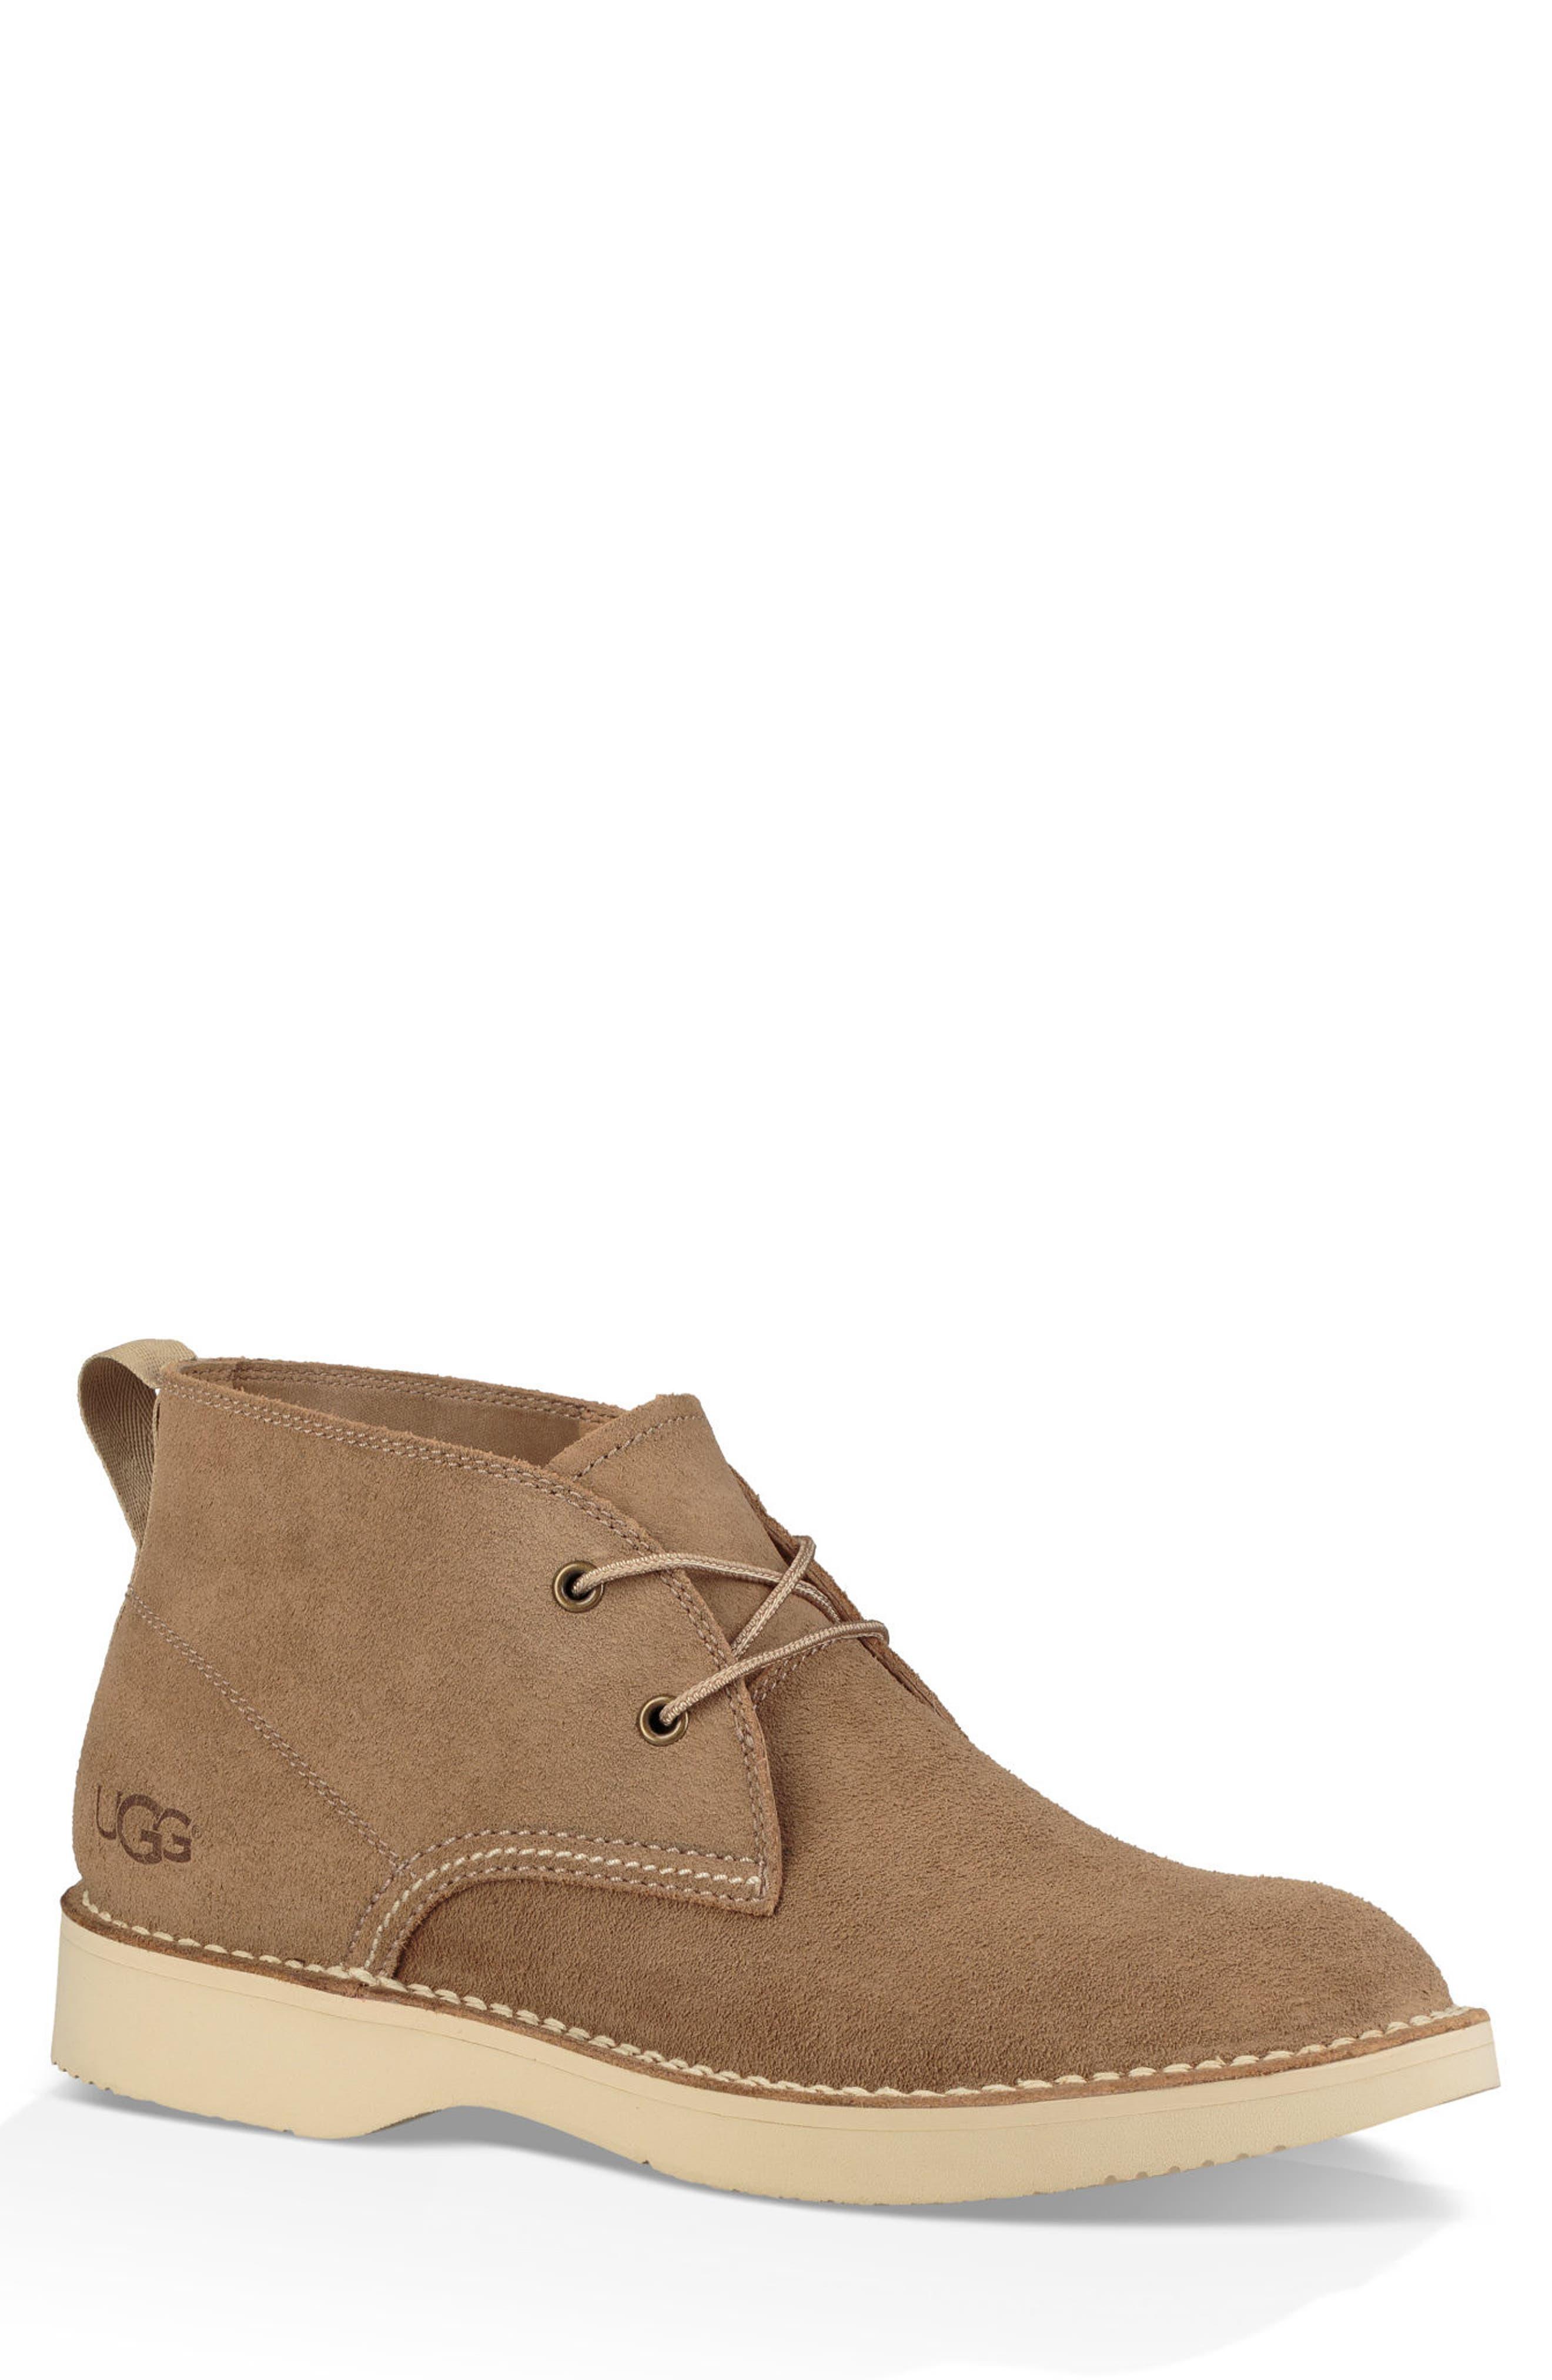 Camino Water Resistant Chukka Boot,                         Main,                         color, DESERT TAN